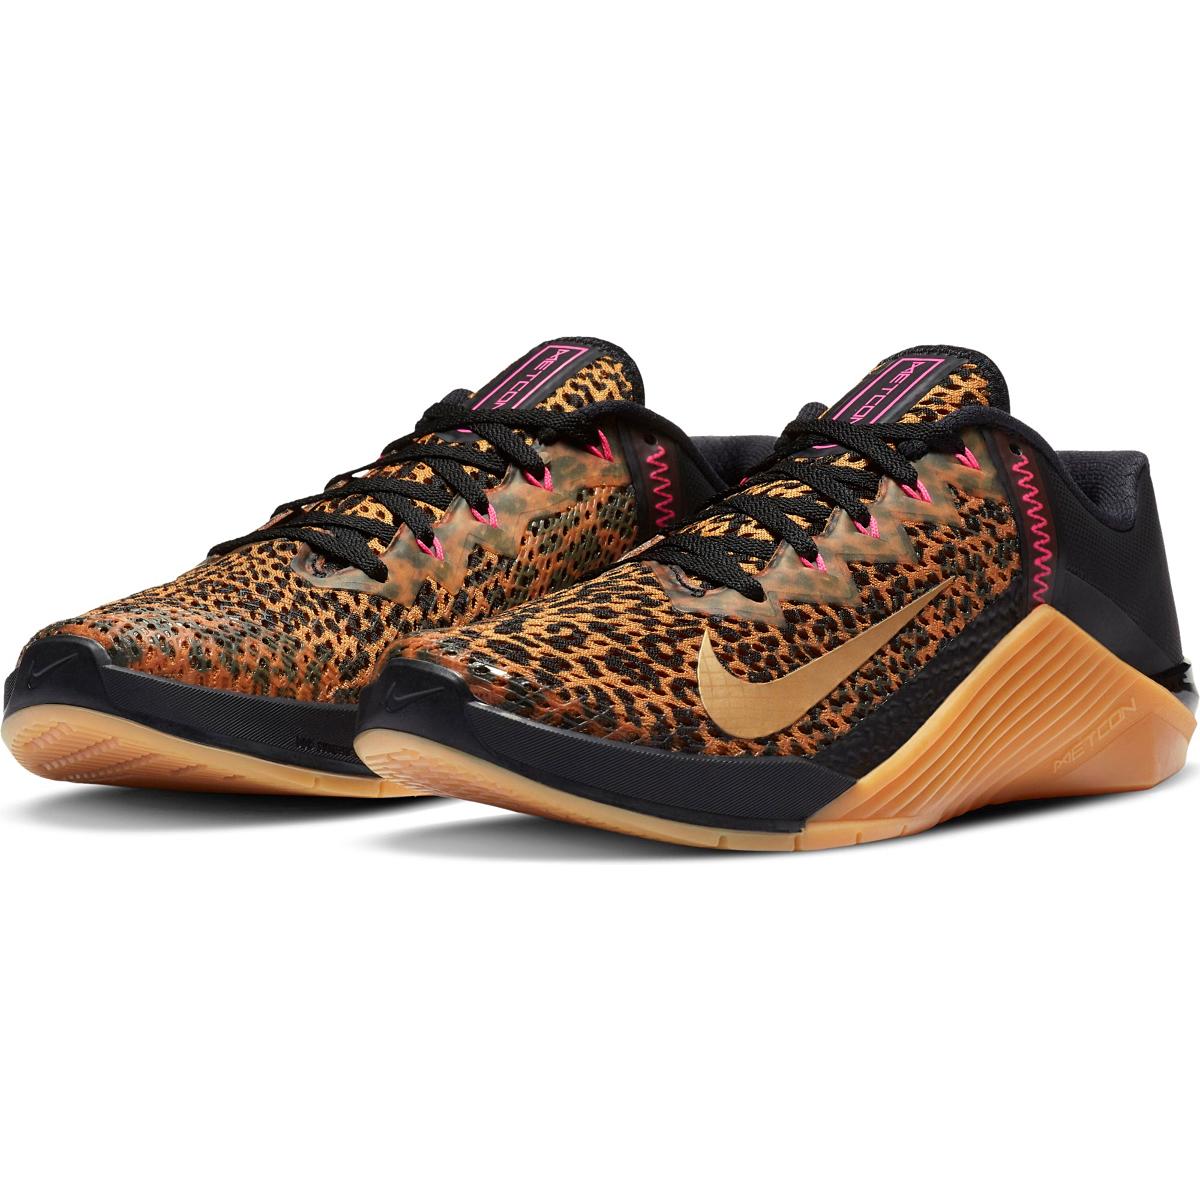 Women's Nike Metcon 6 Training Shoes - Color: Black/Metallic - Size: 5 - Width: Regular, Black/Metallic, large, image 6